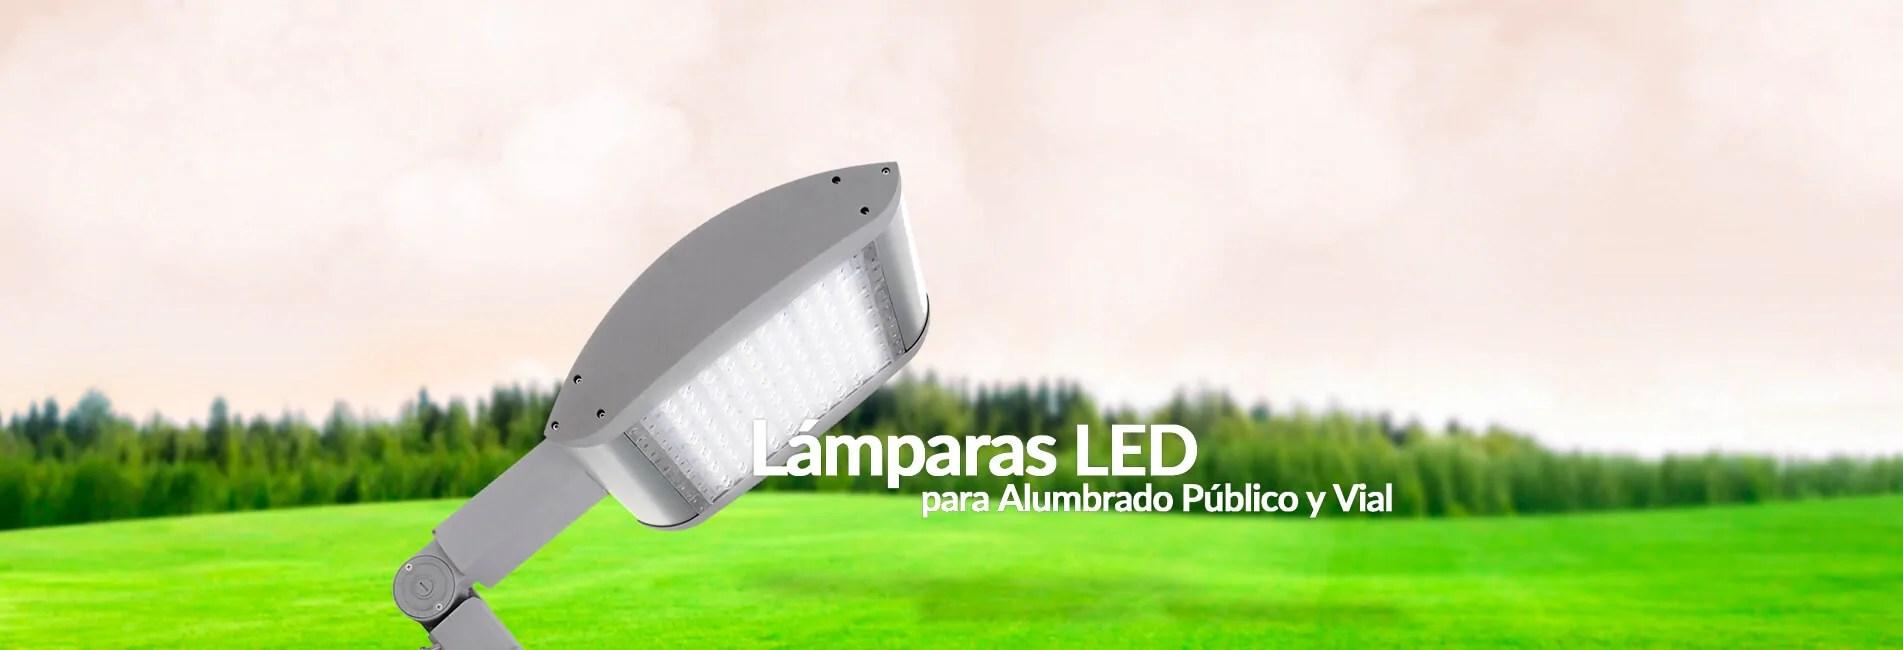 Lámparas LED para alumbrado público